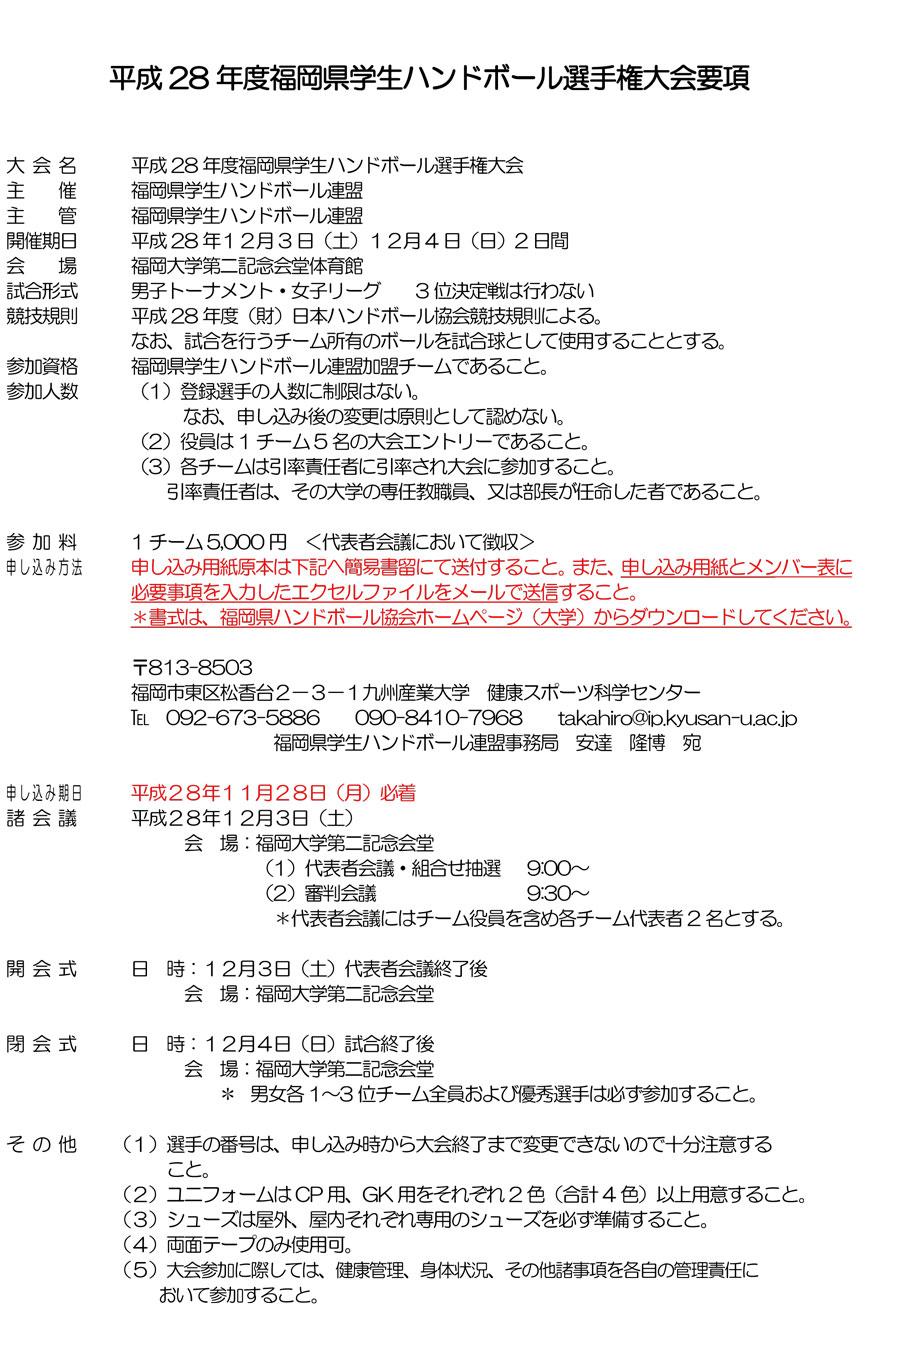 2016dai_kensen_youkou